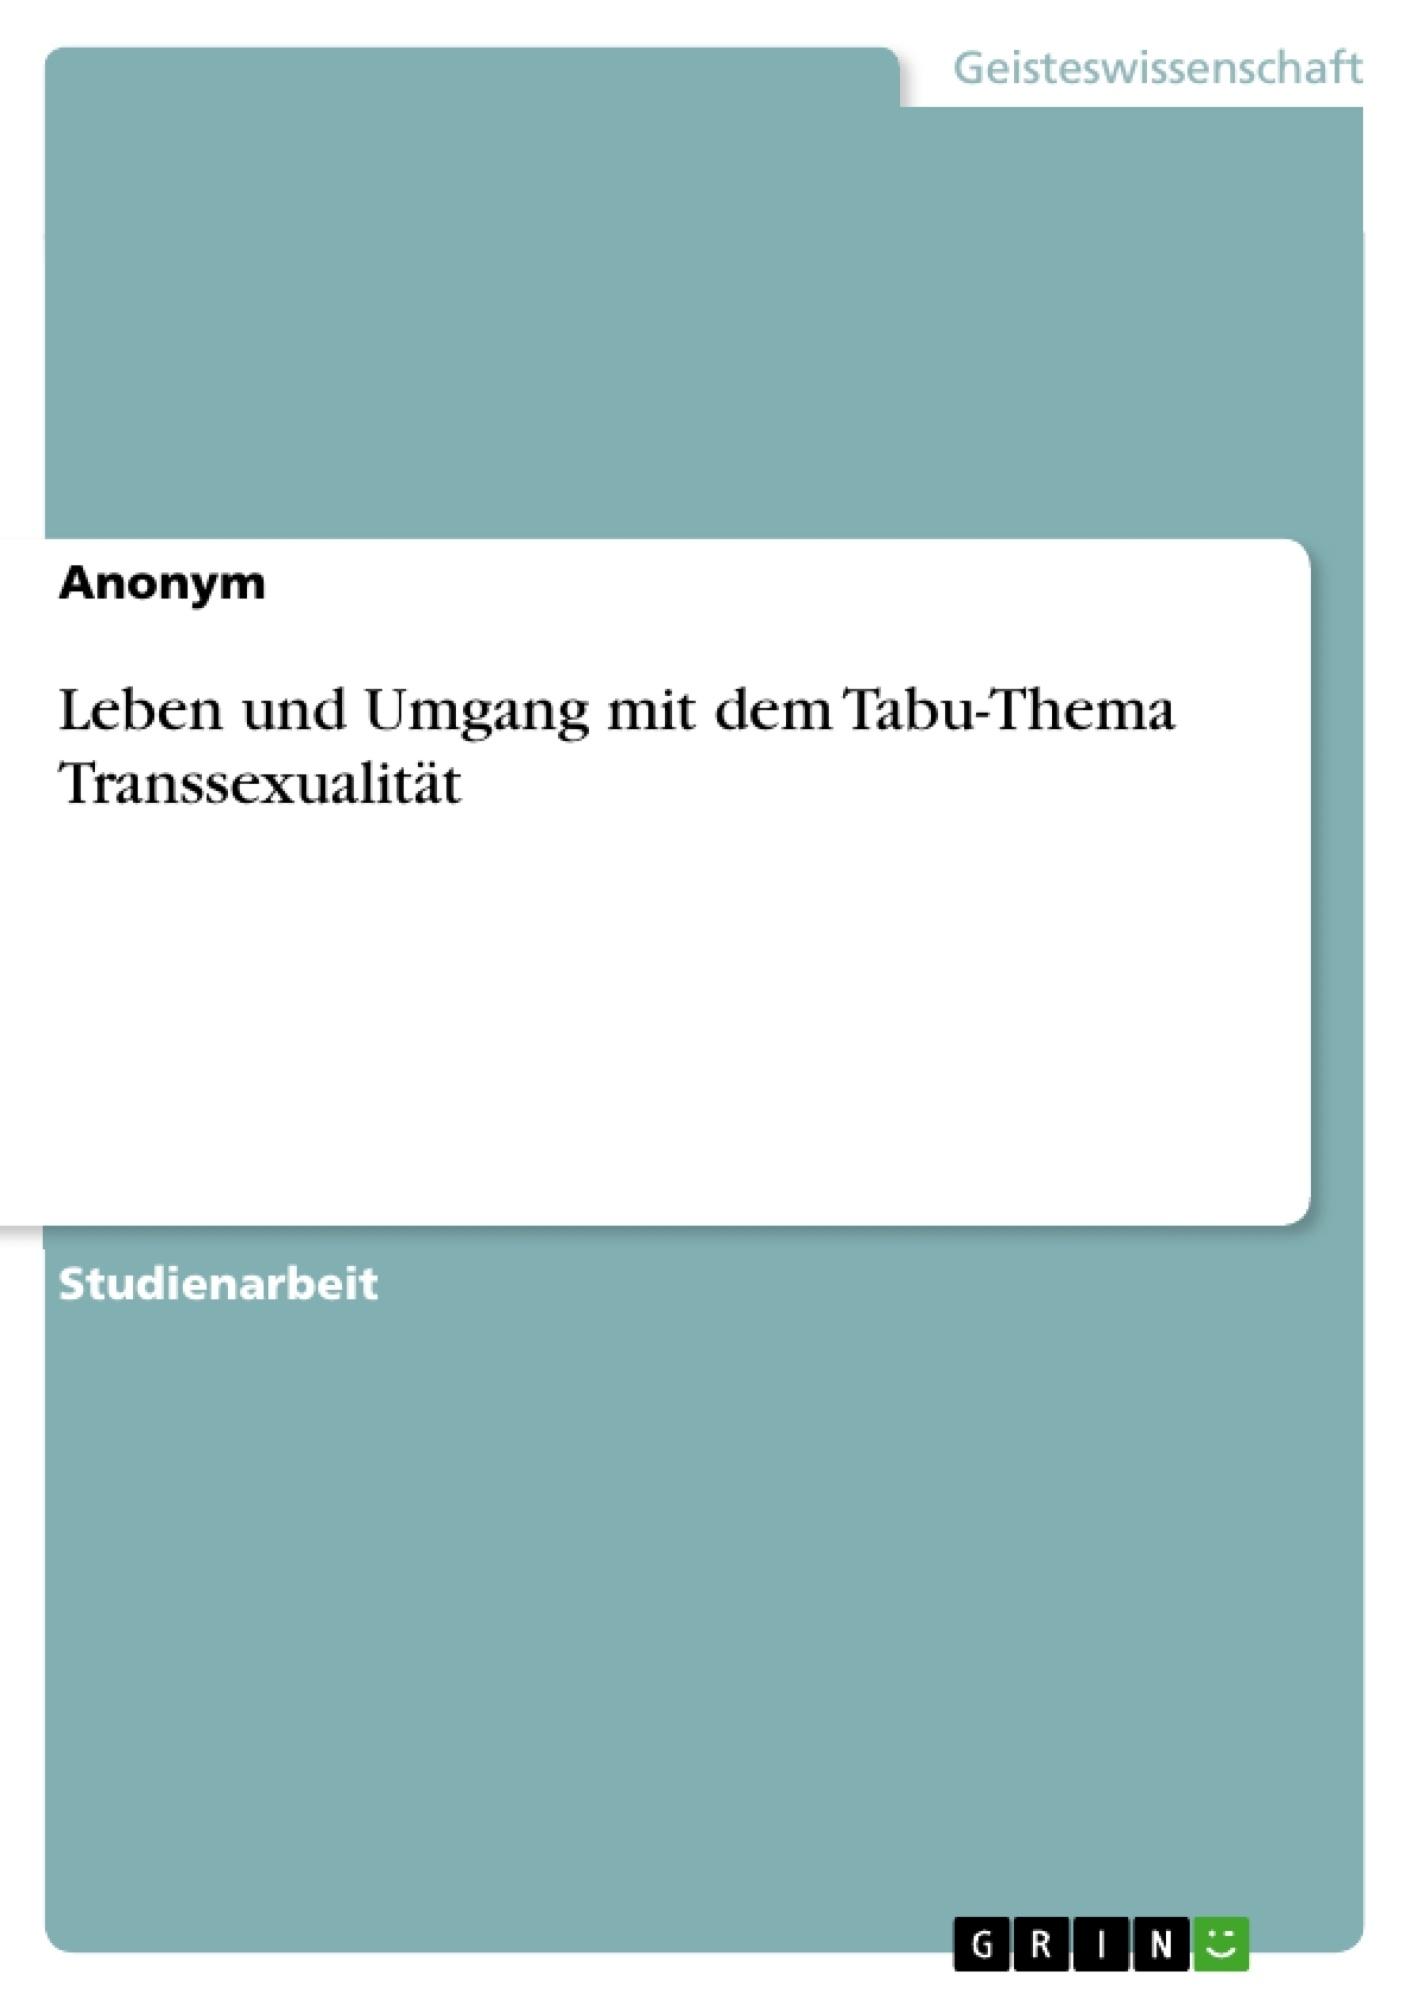 Titel: Leben und Umgang mit dem Tabu-Thema Transsexualität